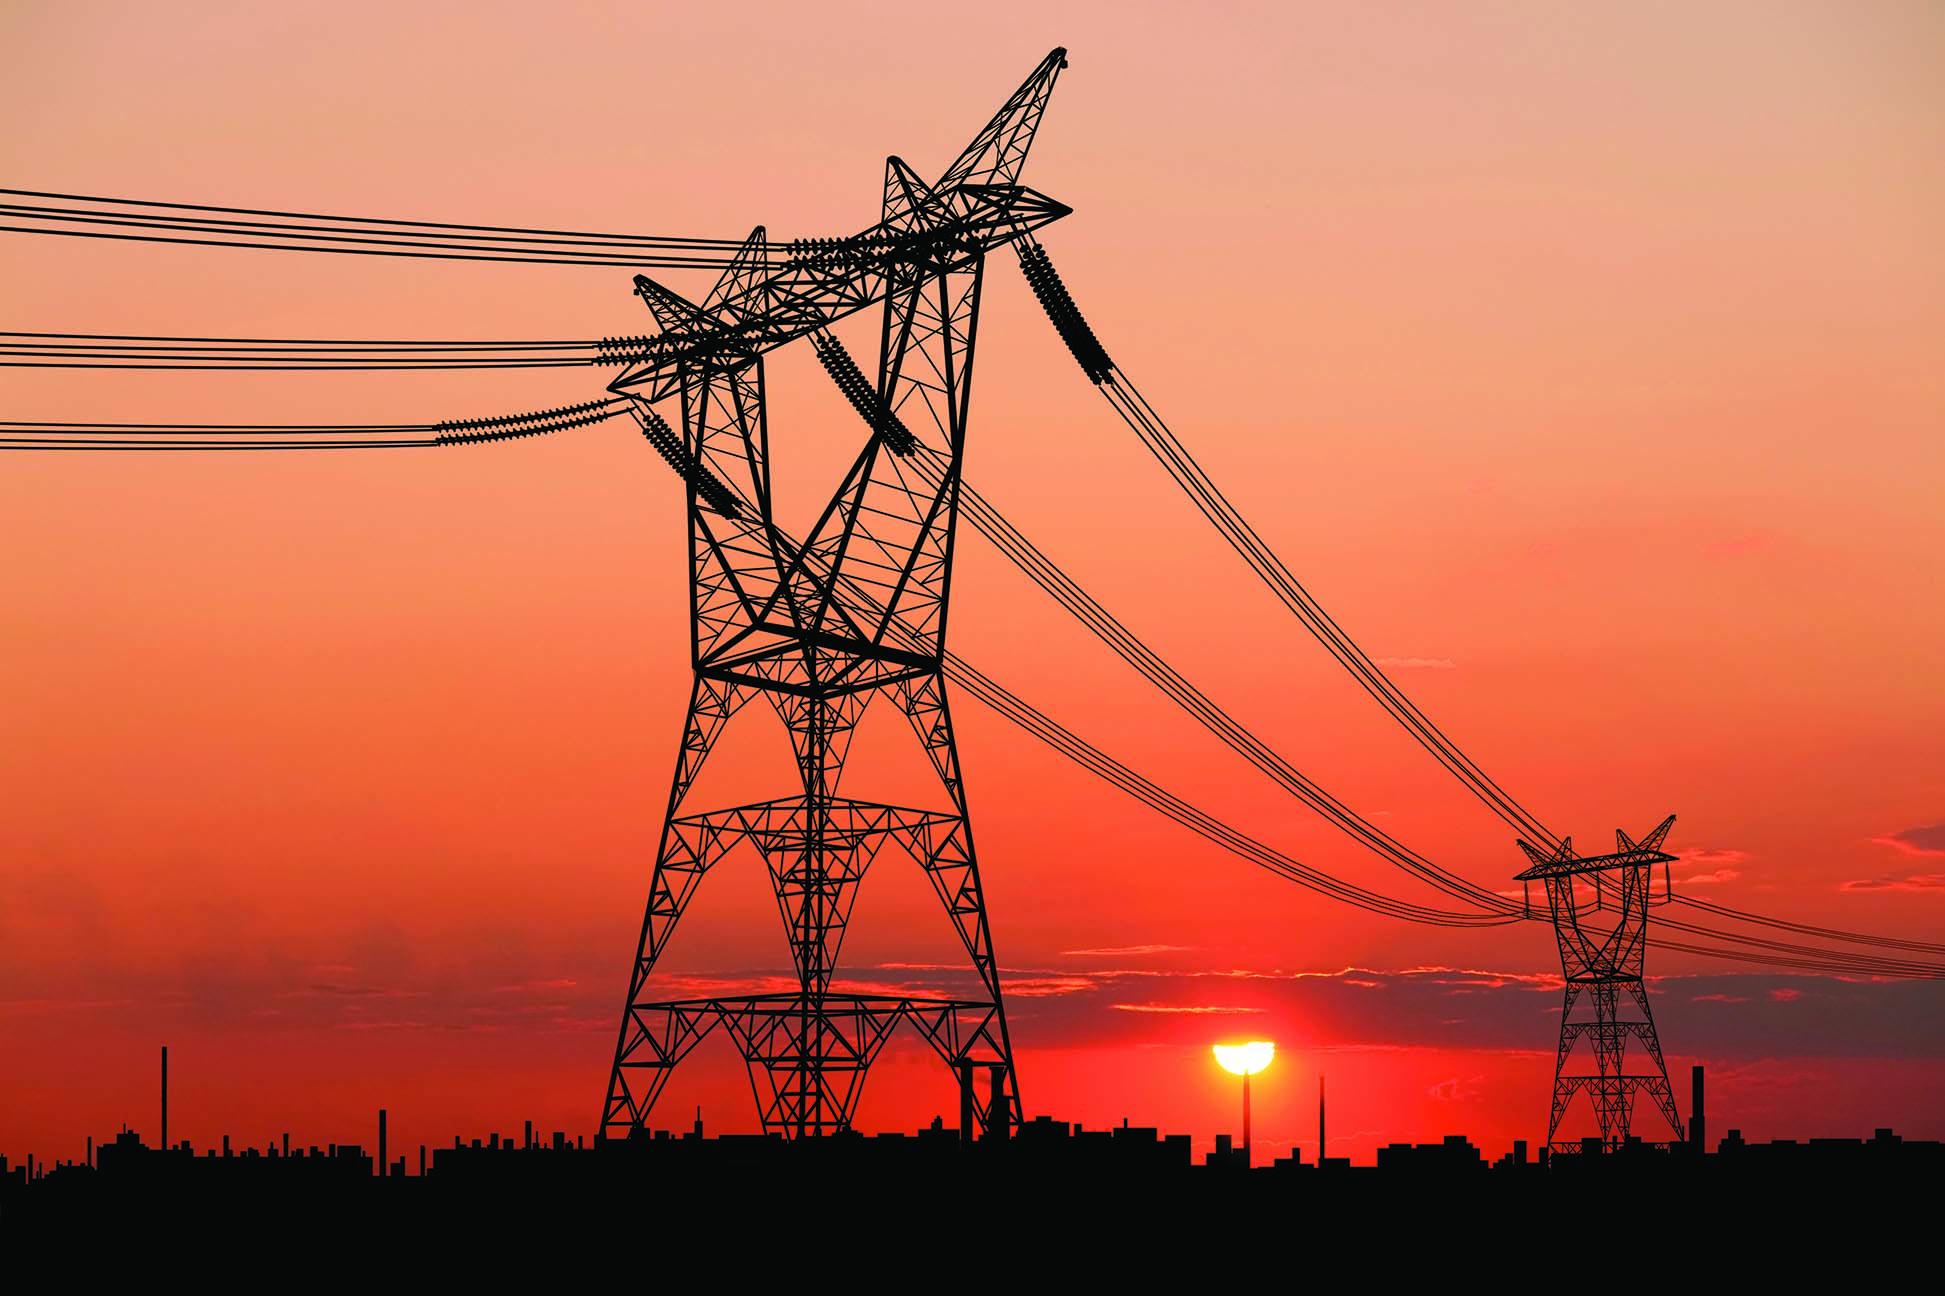 Minsait riconosciuta per il suo contributo alla transizione energetica e alla gestione delle